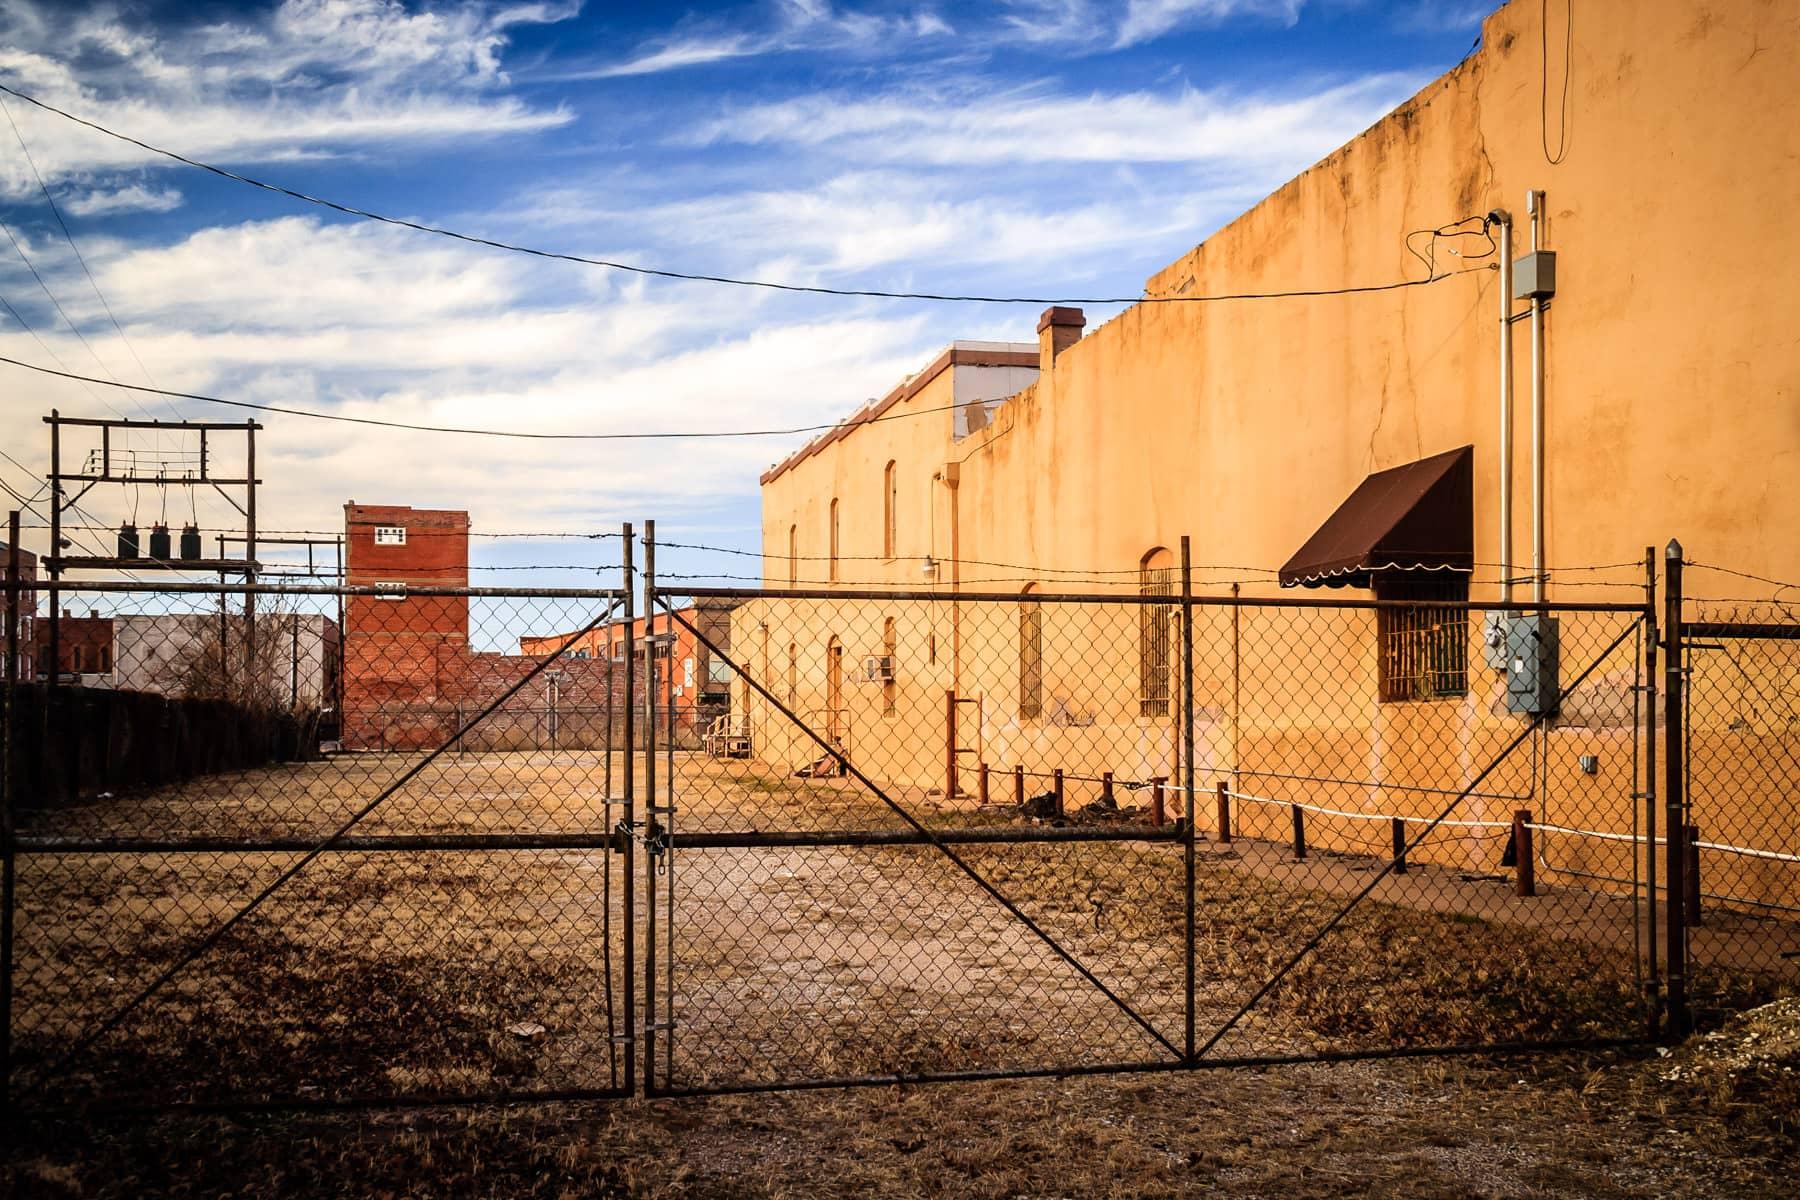 Urban decay in Downtown Wichita Falls, Texas.